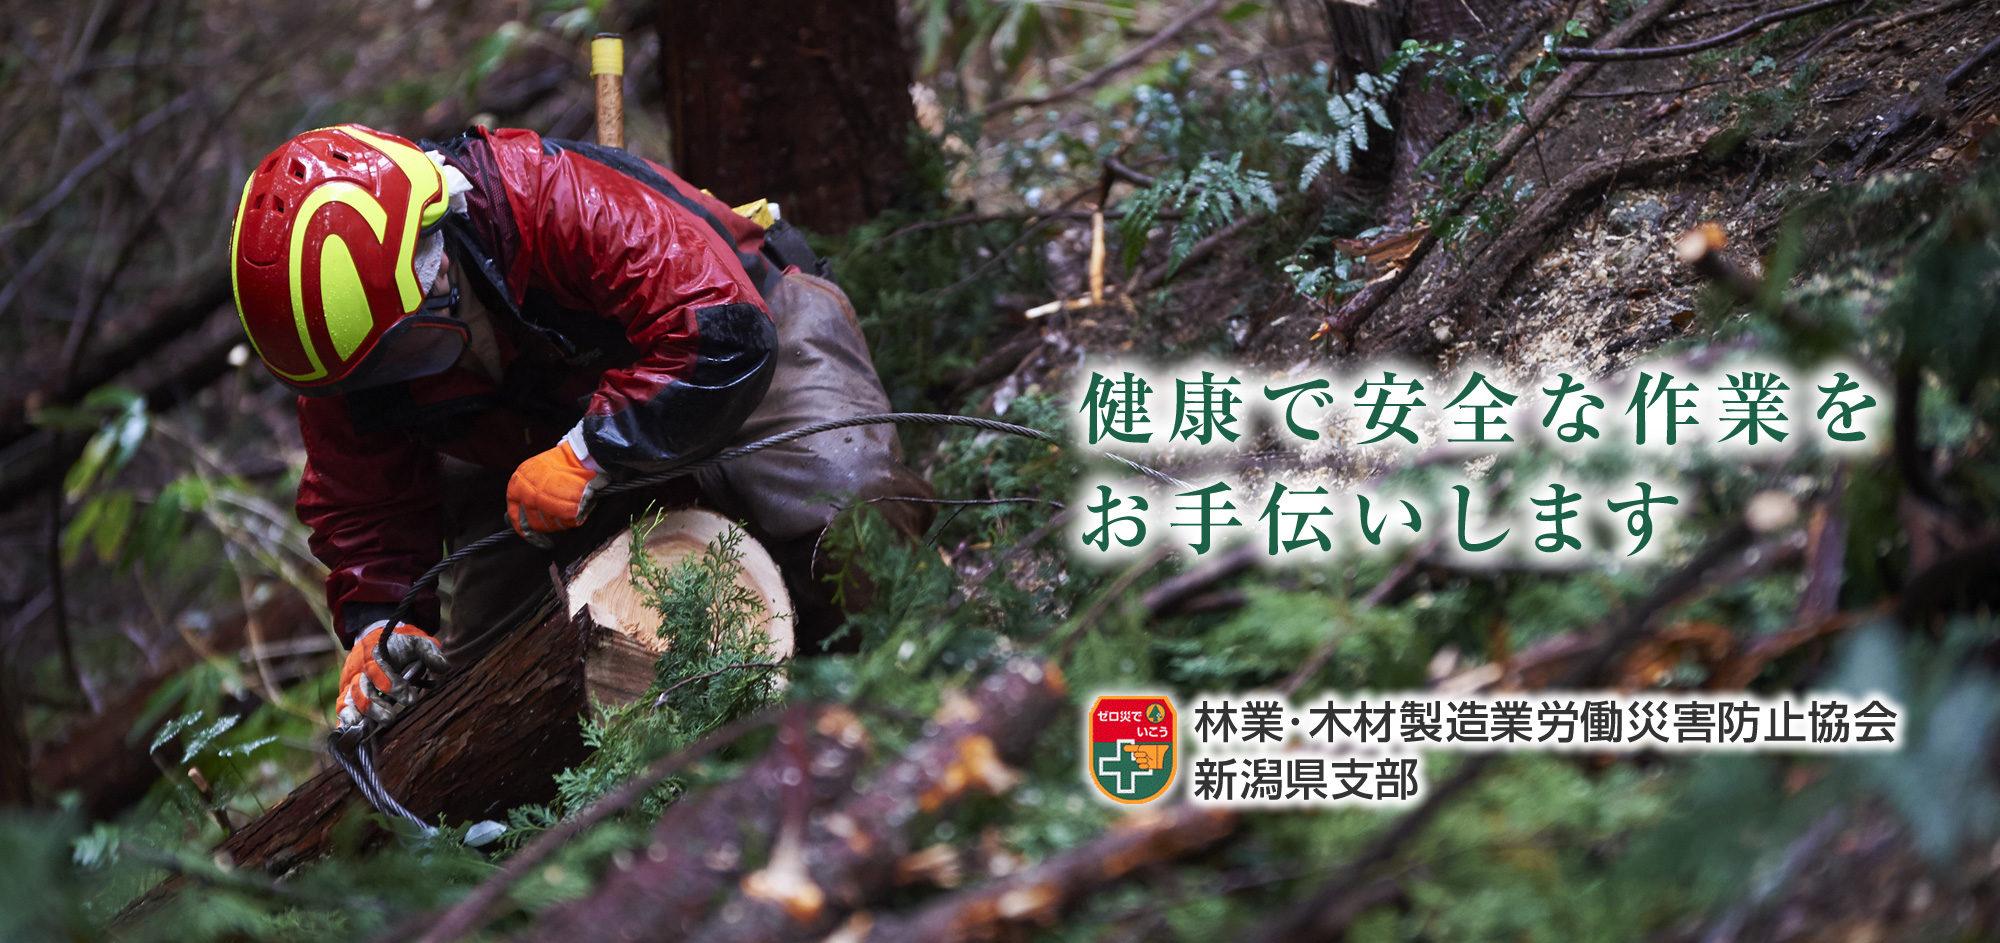 健康で安全な作業をお手伝いします 林業・木材製造業労働災害防止協会新潟県支部